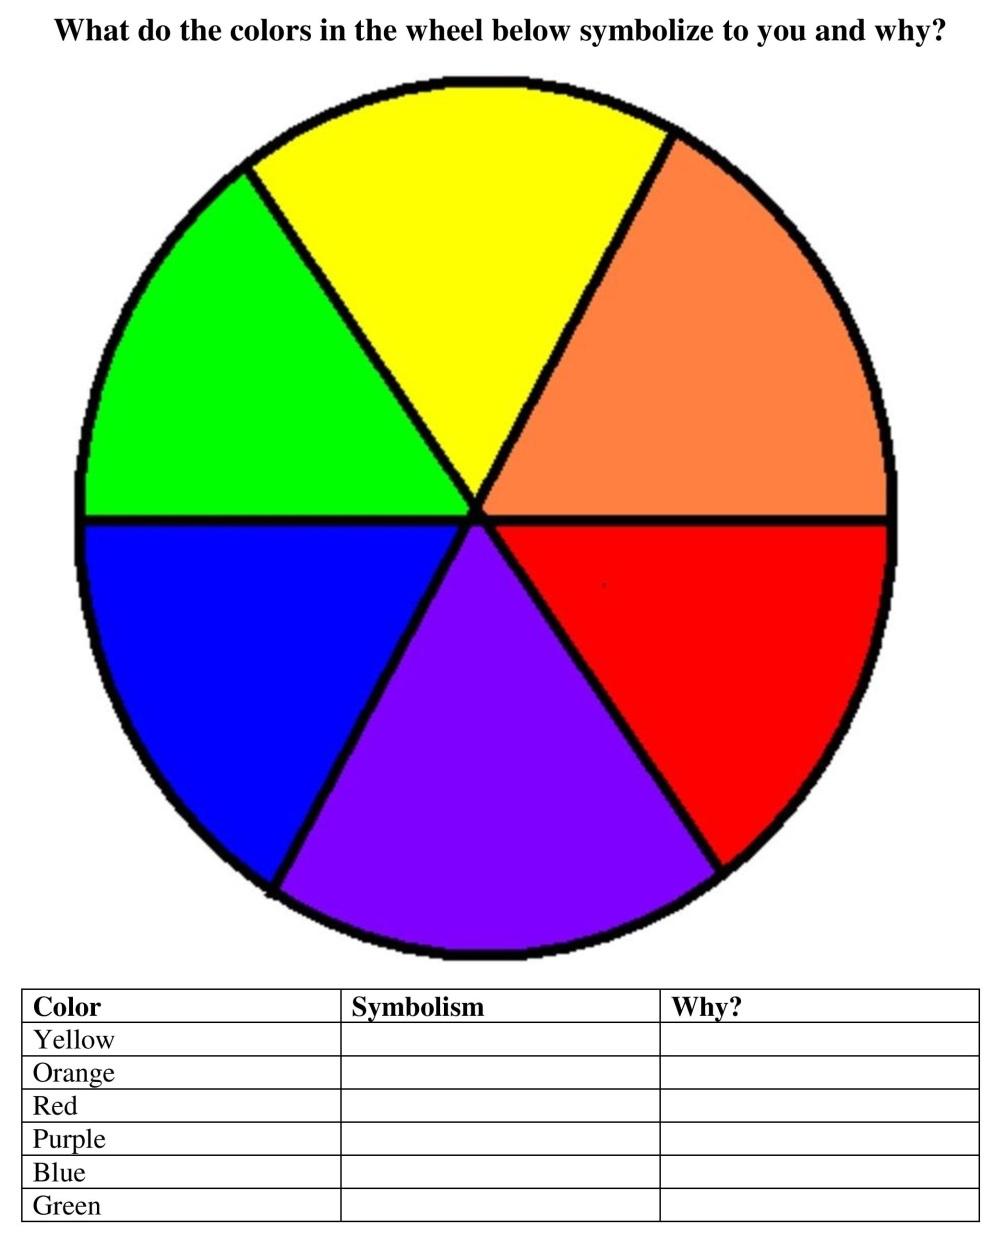 Cross Cultural Color Symbolism Hugh Fox Iii